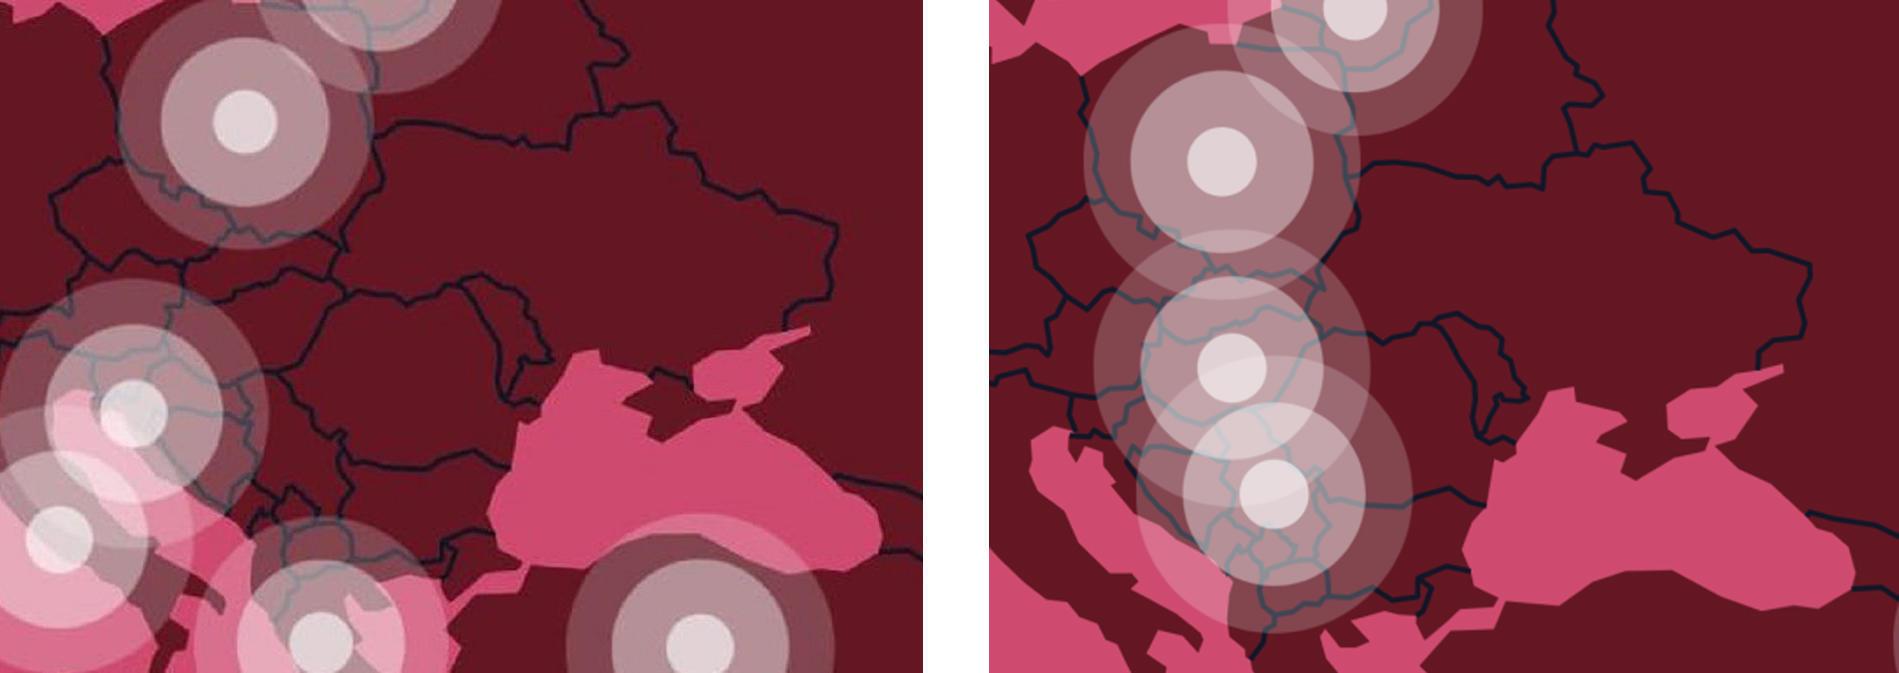 На сайте Олимпийских игр появилась карта Украины с отделенным от нее Крымом